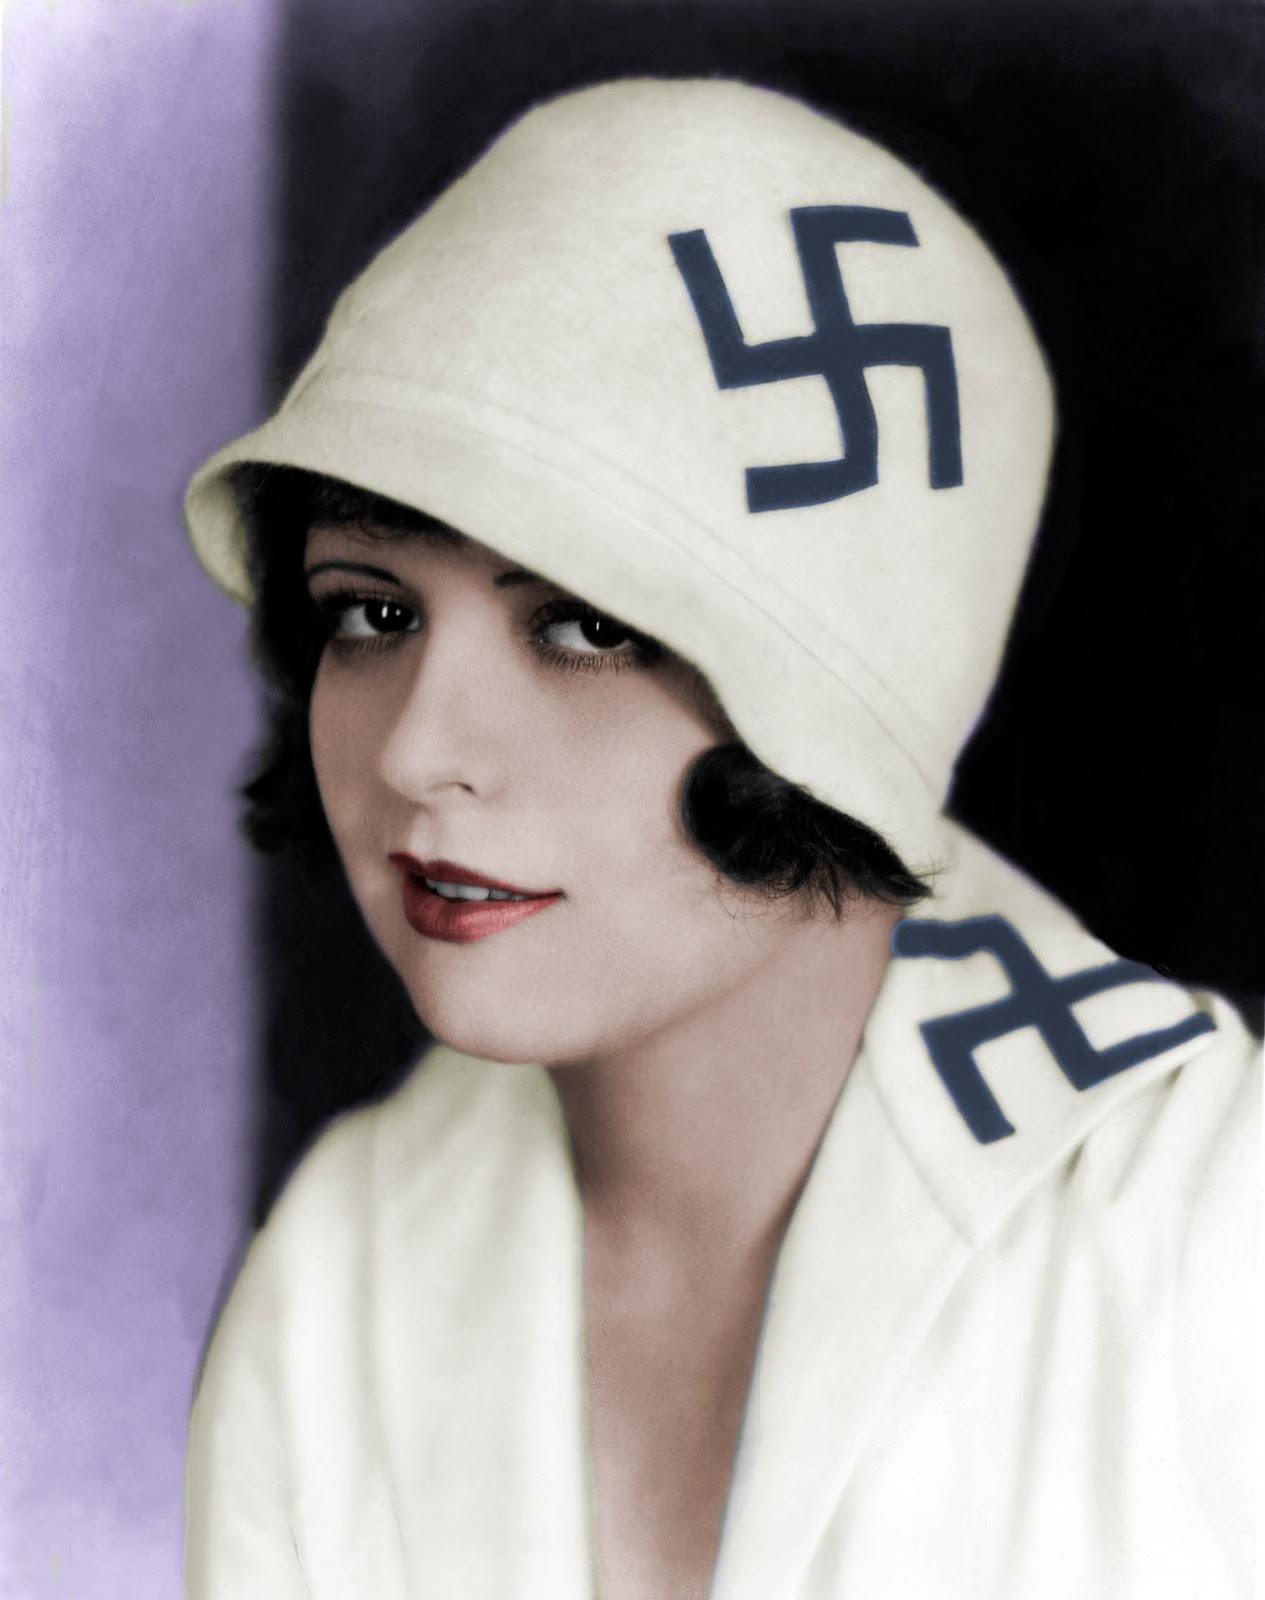 Clara_Bow_Swastika_Colorized_by_ajax1946